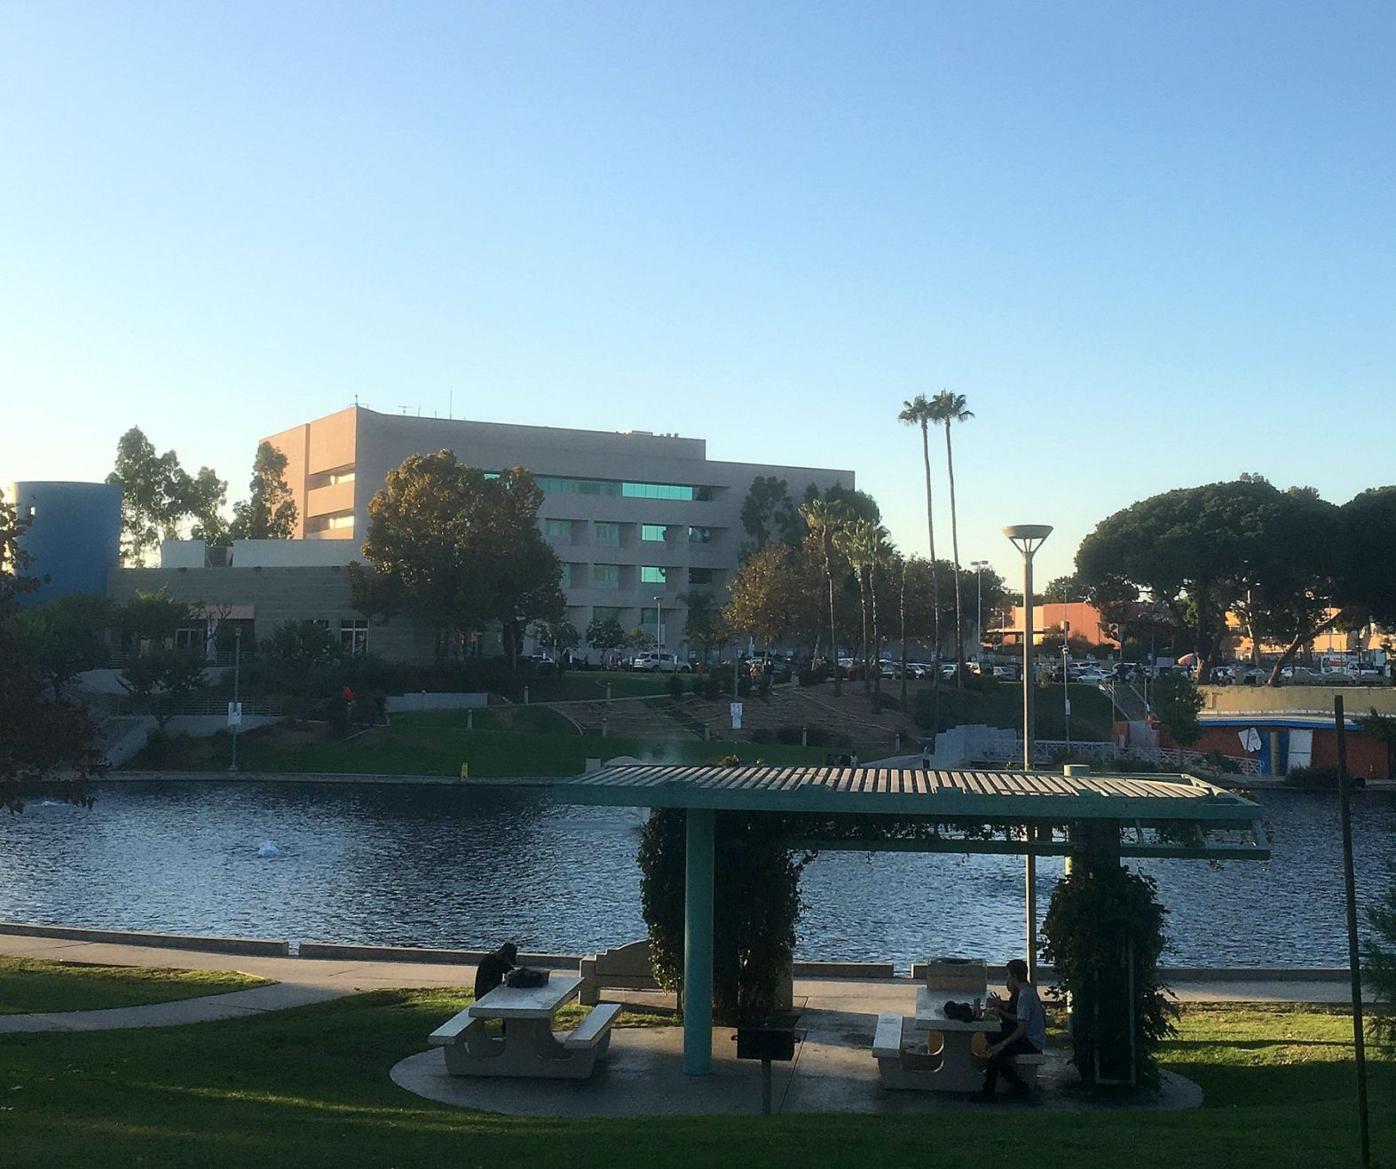 east la civic center